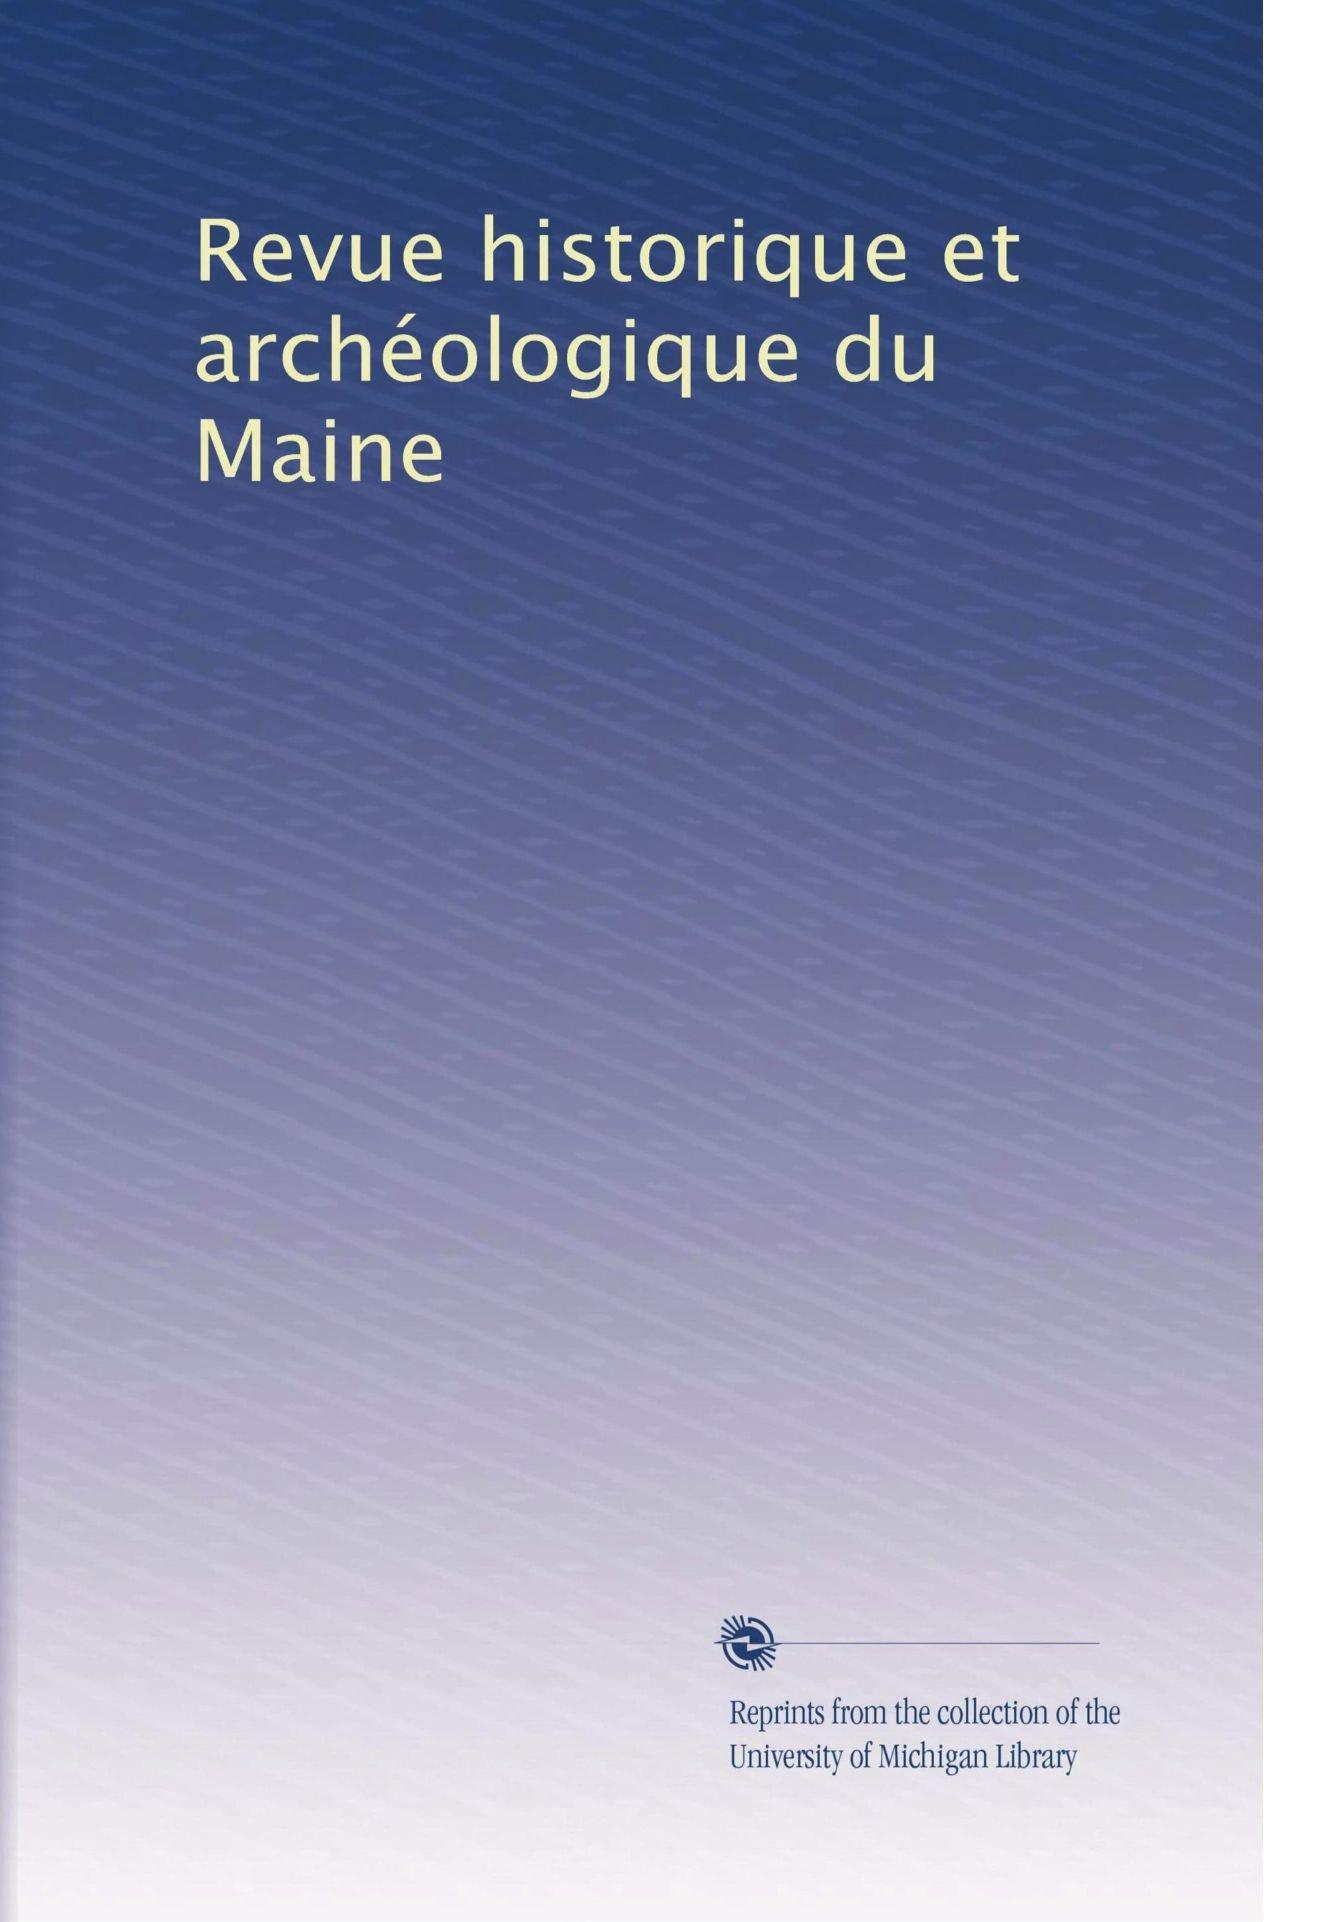 Revue historique et archéologique du Maine (Volume 30) (French Edition) PDF